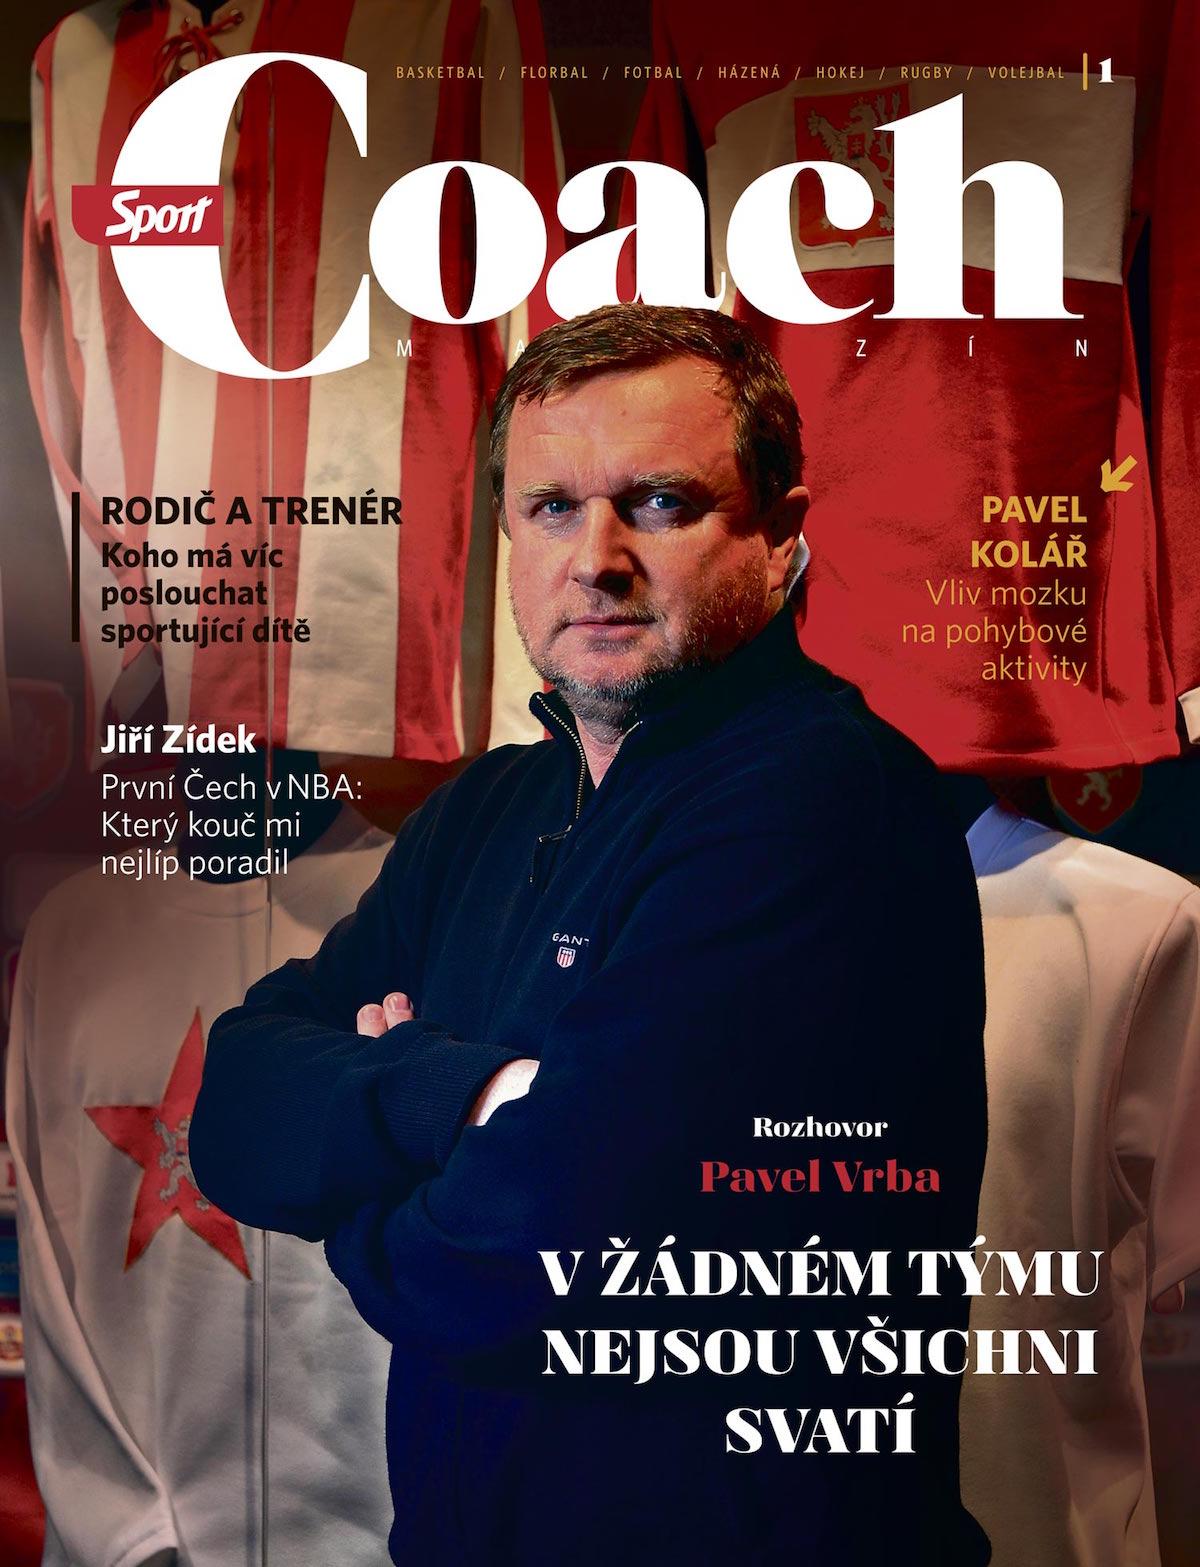 První číslo otvírá rozhovor s trenérem fotbalové reprezentace Pavlem Vrbou, vedl ho bývalý trenér volejbalové reprezentace Zdeněk Haník